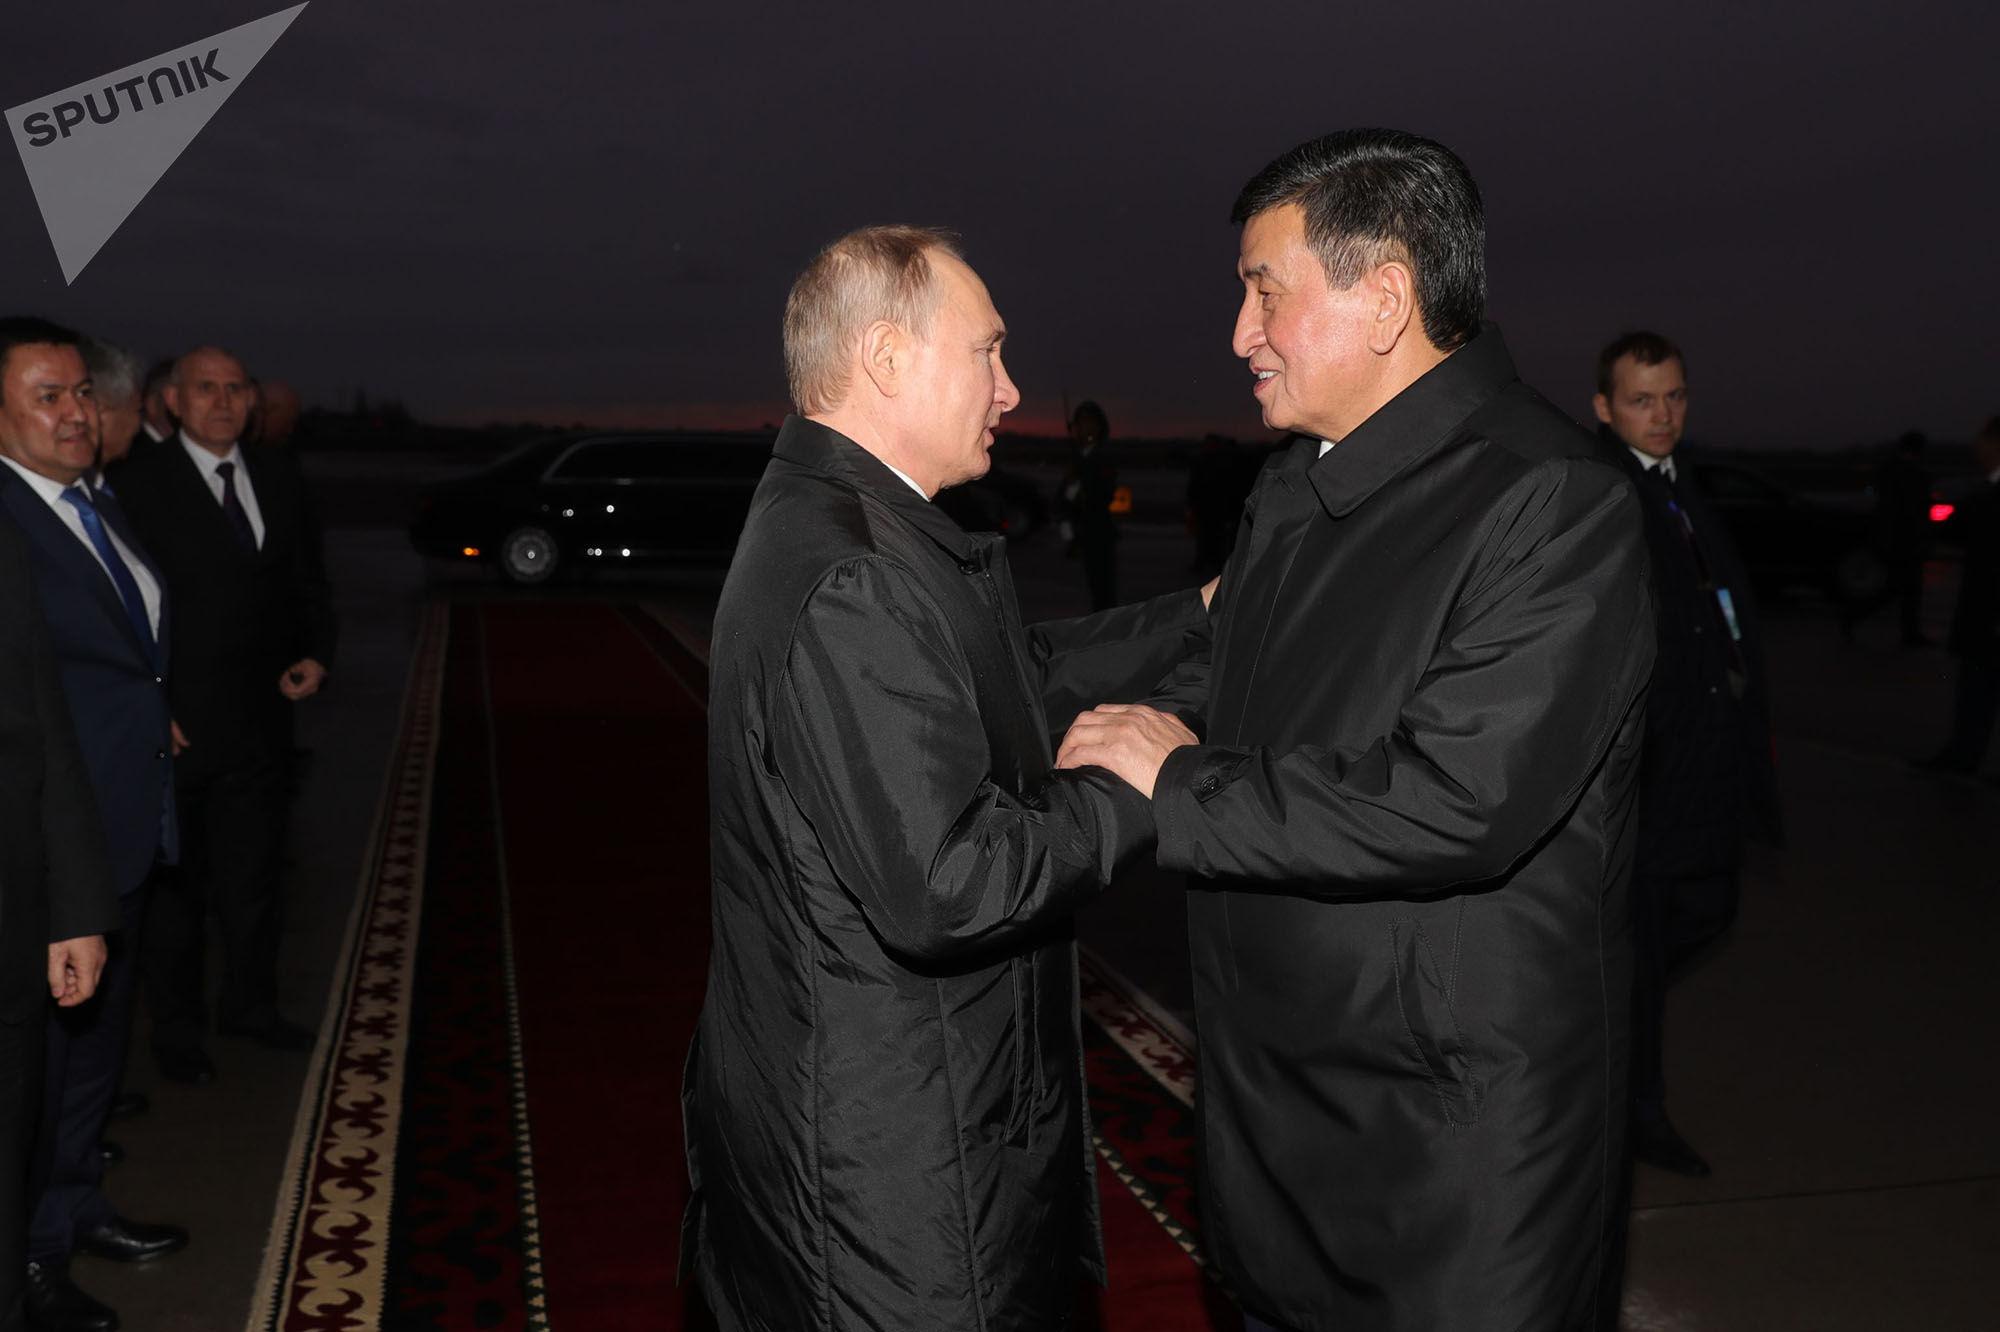 28 марта 2019. Президент РФ Владимир Путин и президент КР Сооронбай Жээнбеков во время церемонии проводов в аэропорту Бишкека.